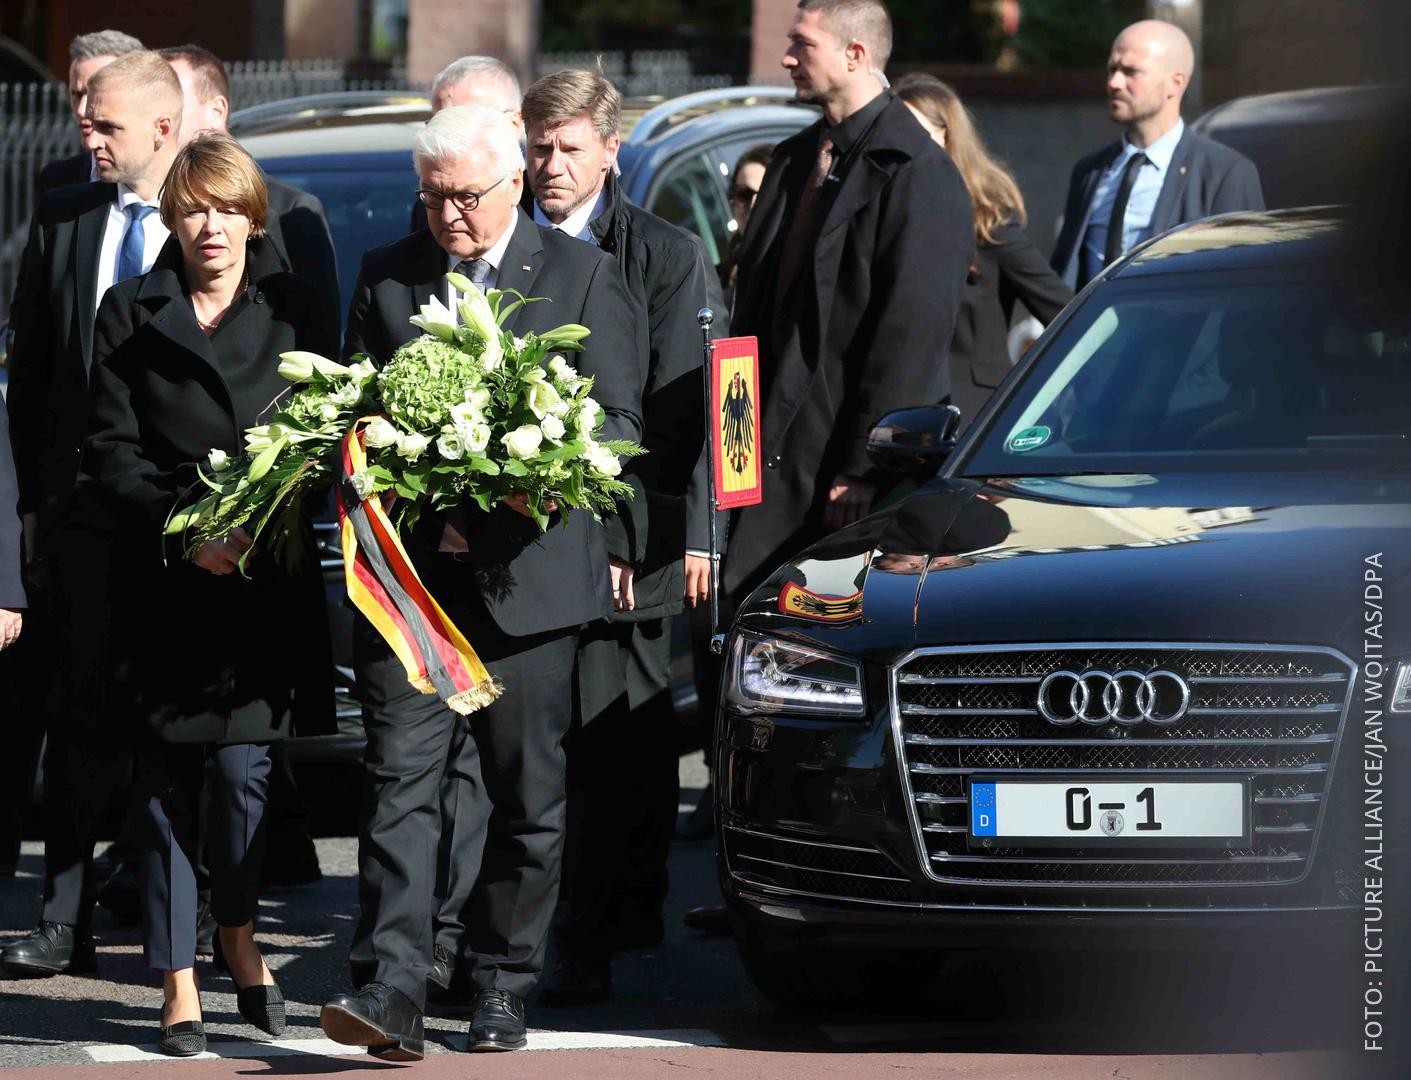 Bundespräsident Steinmeier trägt einen Kranz.